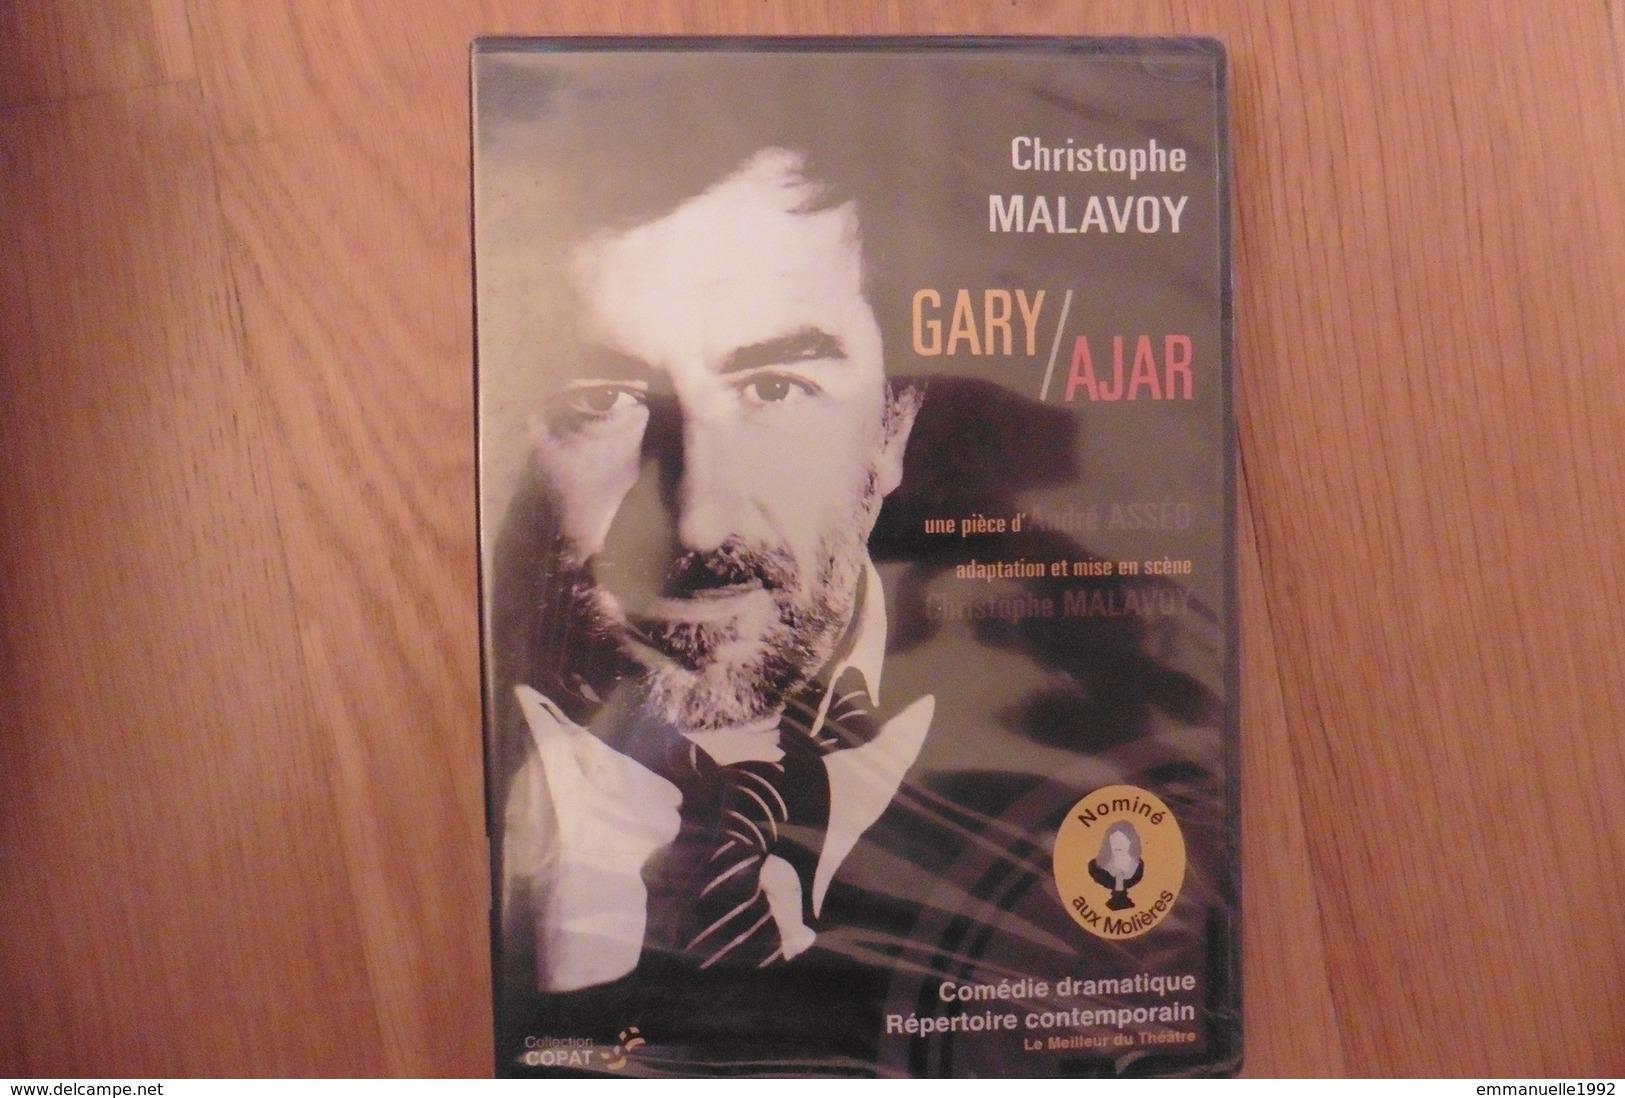 DVD Theatre - Gary / Ajar Avec Christophe Malavoy - Neuf Sous Cellophane - Molieres 2008 - Romain Gary - DVD